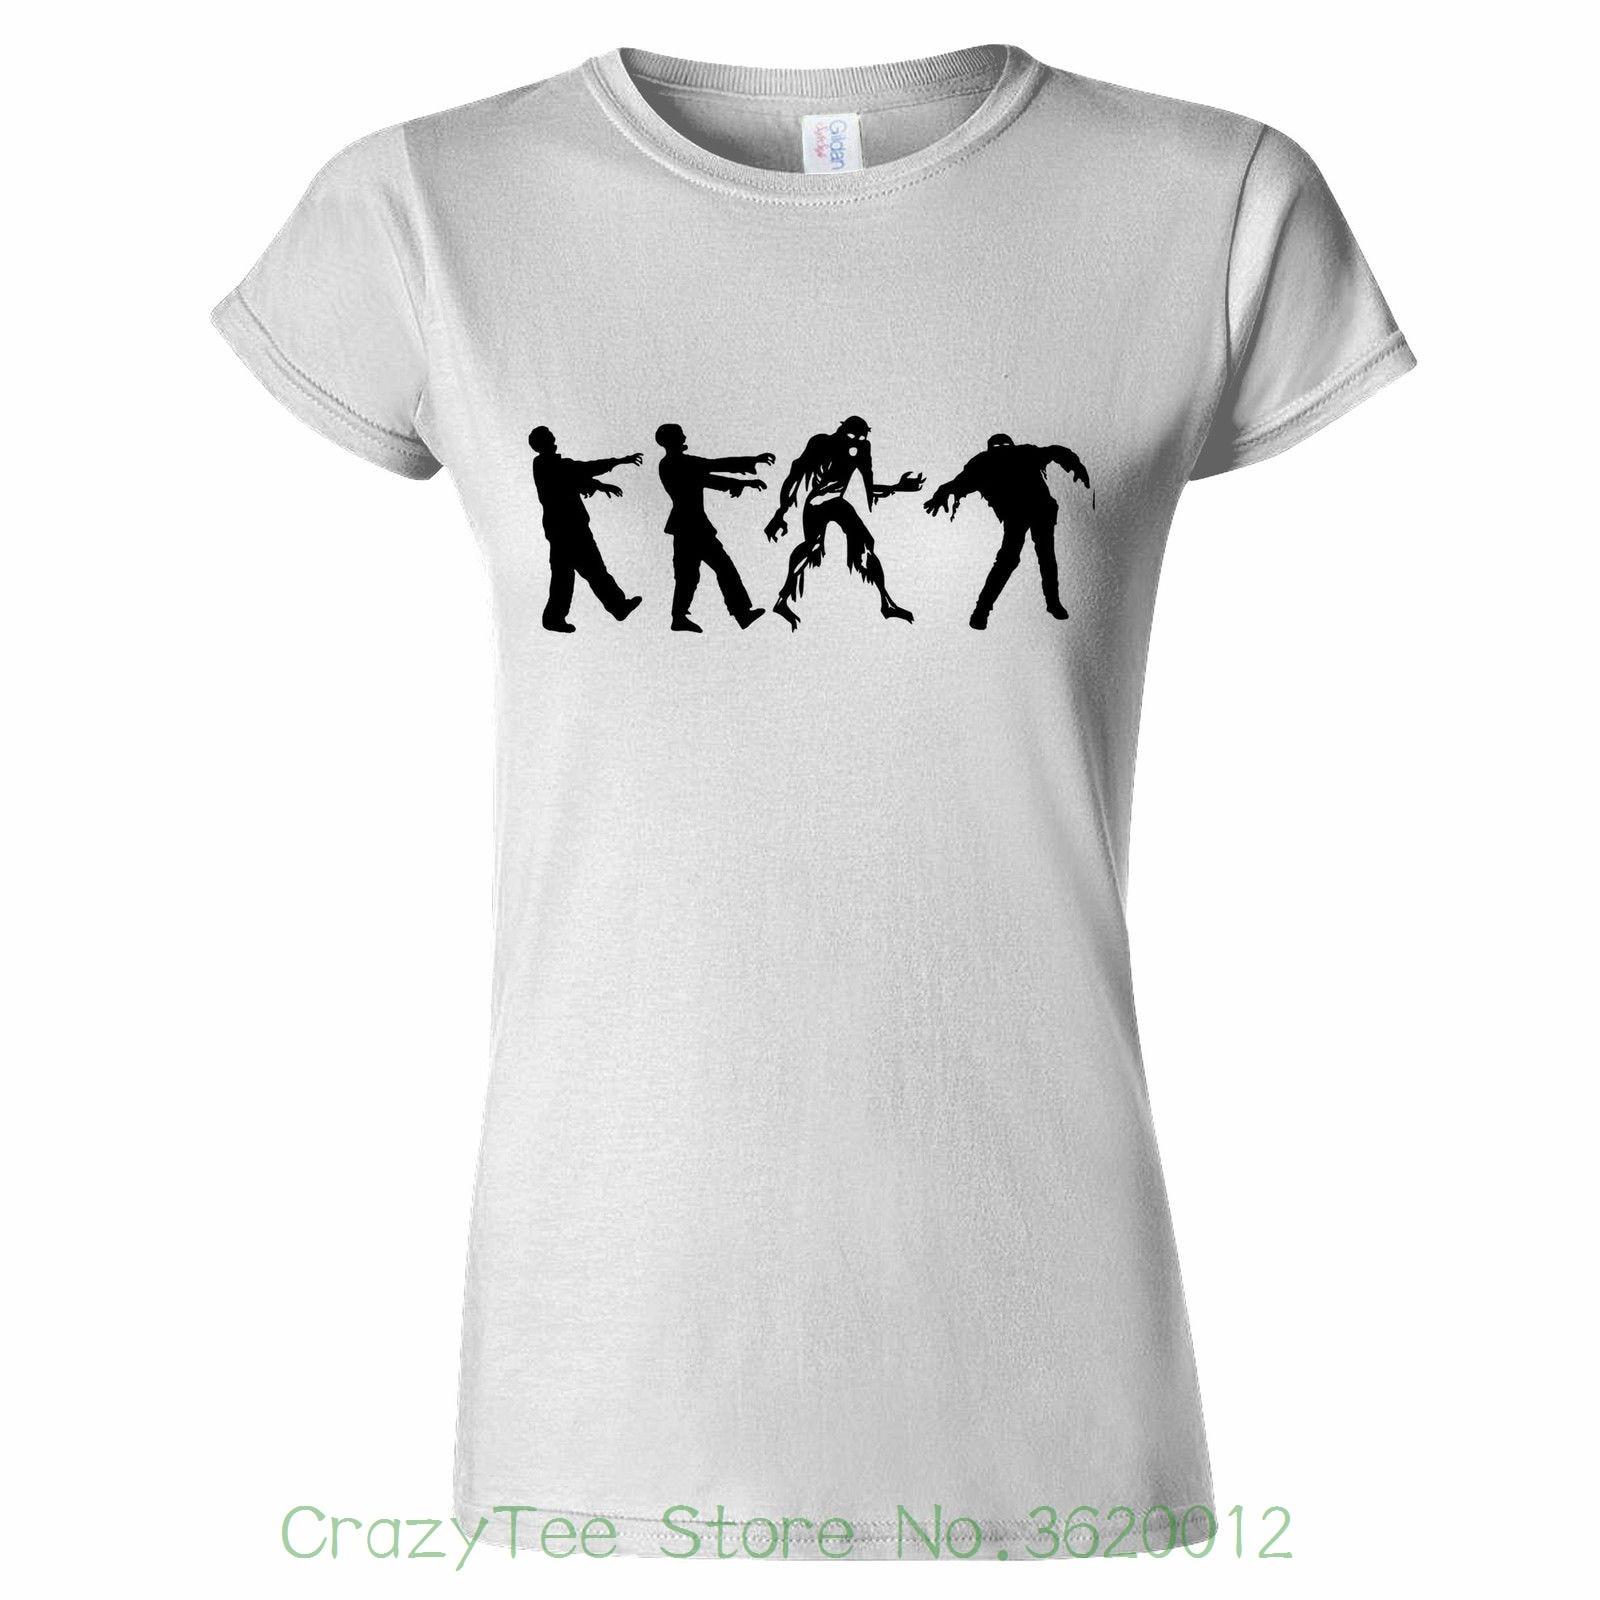 91523ee534e64 T shirt femme Zombie Apocalypse t shirt femme Halloween truc traiter Costume  fête fantaisie femme t shirt dans T-Shirts de Mode Femme et Accessoires sur  ...